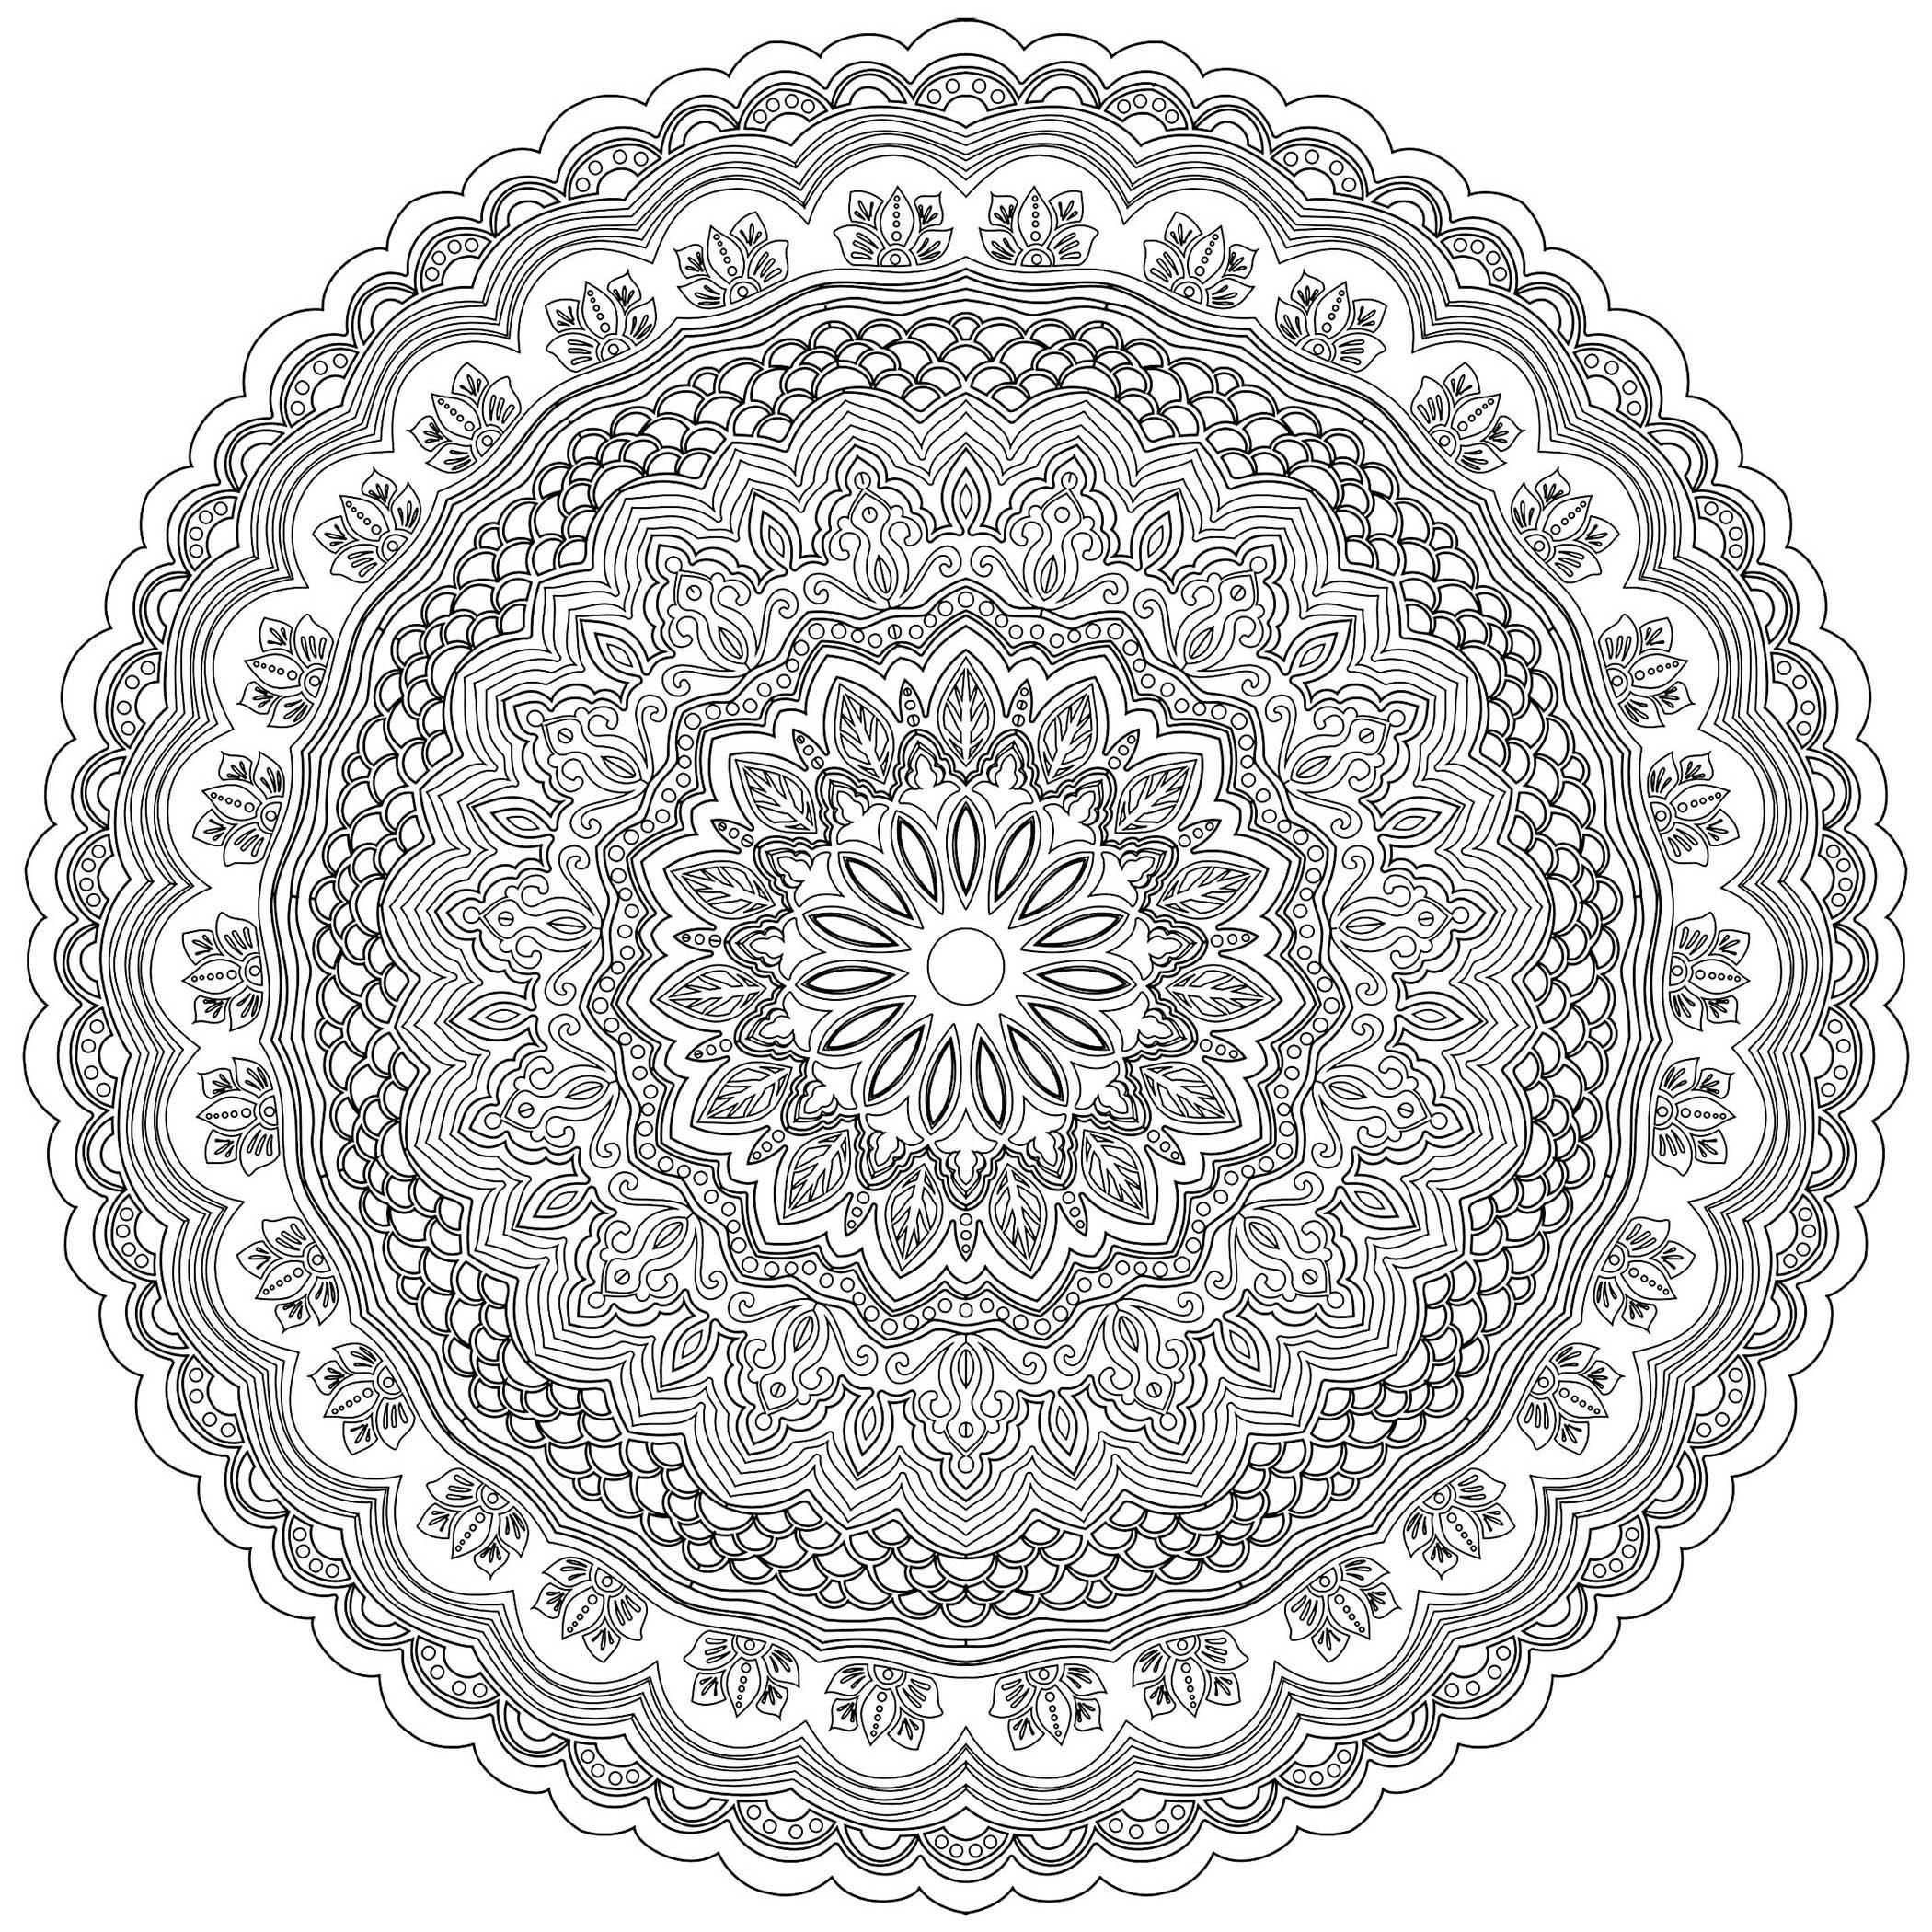 Mandala zen antistress 10 mandalas coloriages difficiles pour adultes - Mandalas a colorier pour adultes ...